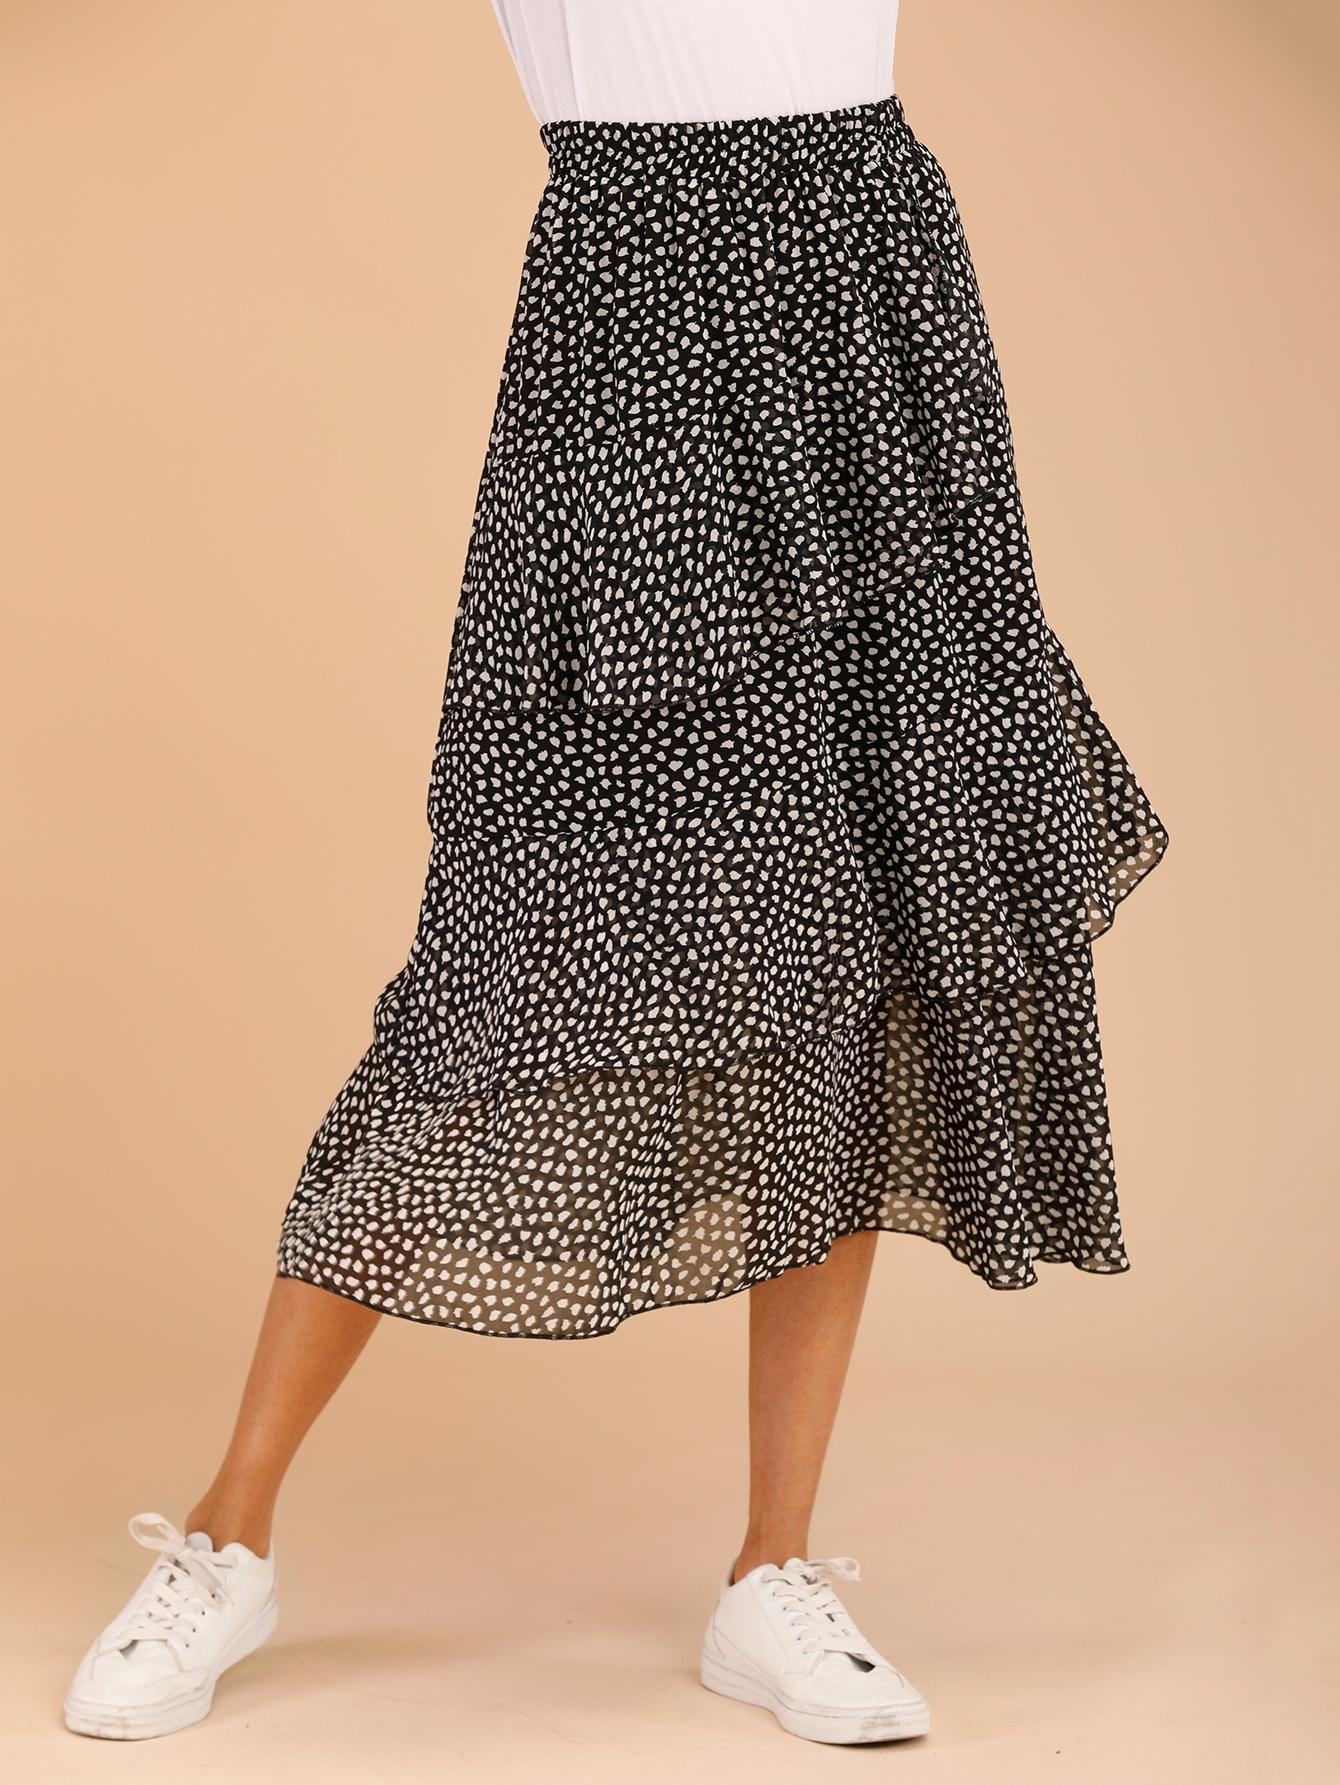 Фото - Многослойная юбка с пятнистым принтом от SheIn цвет чёрнобелые